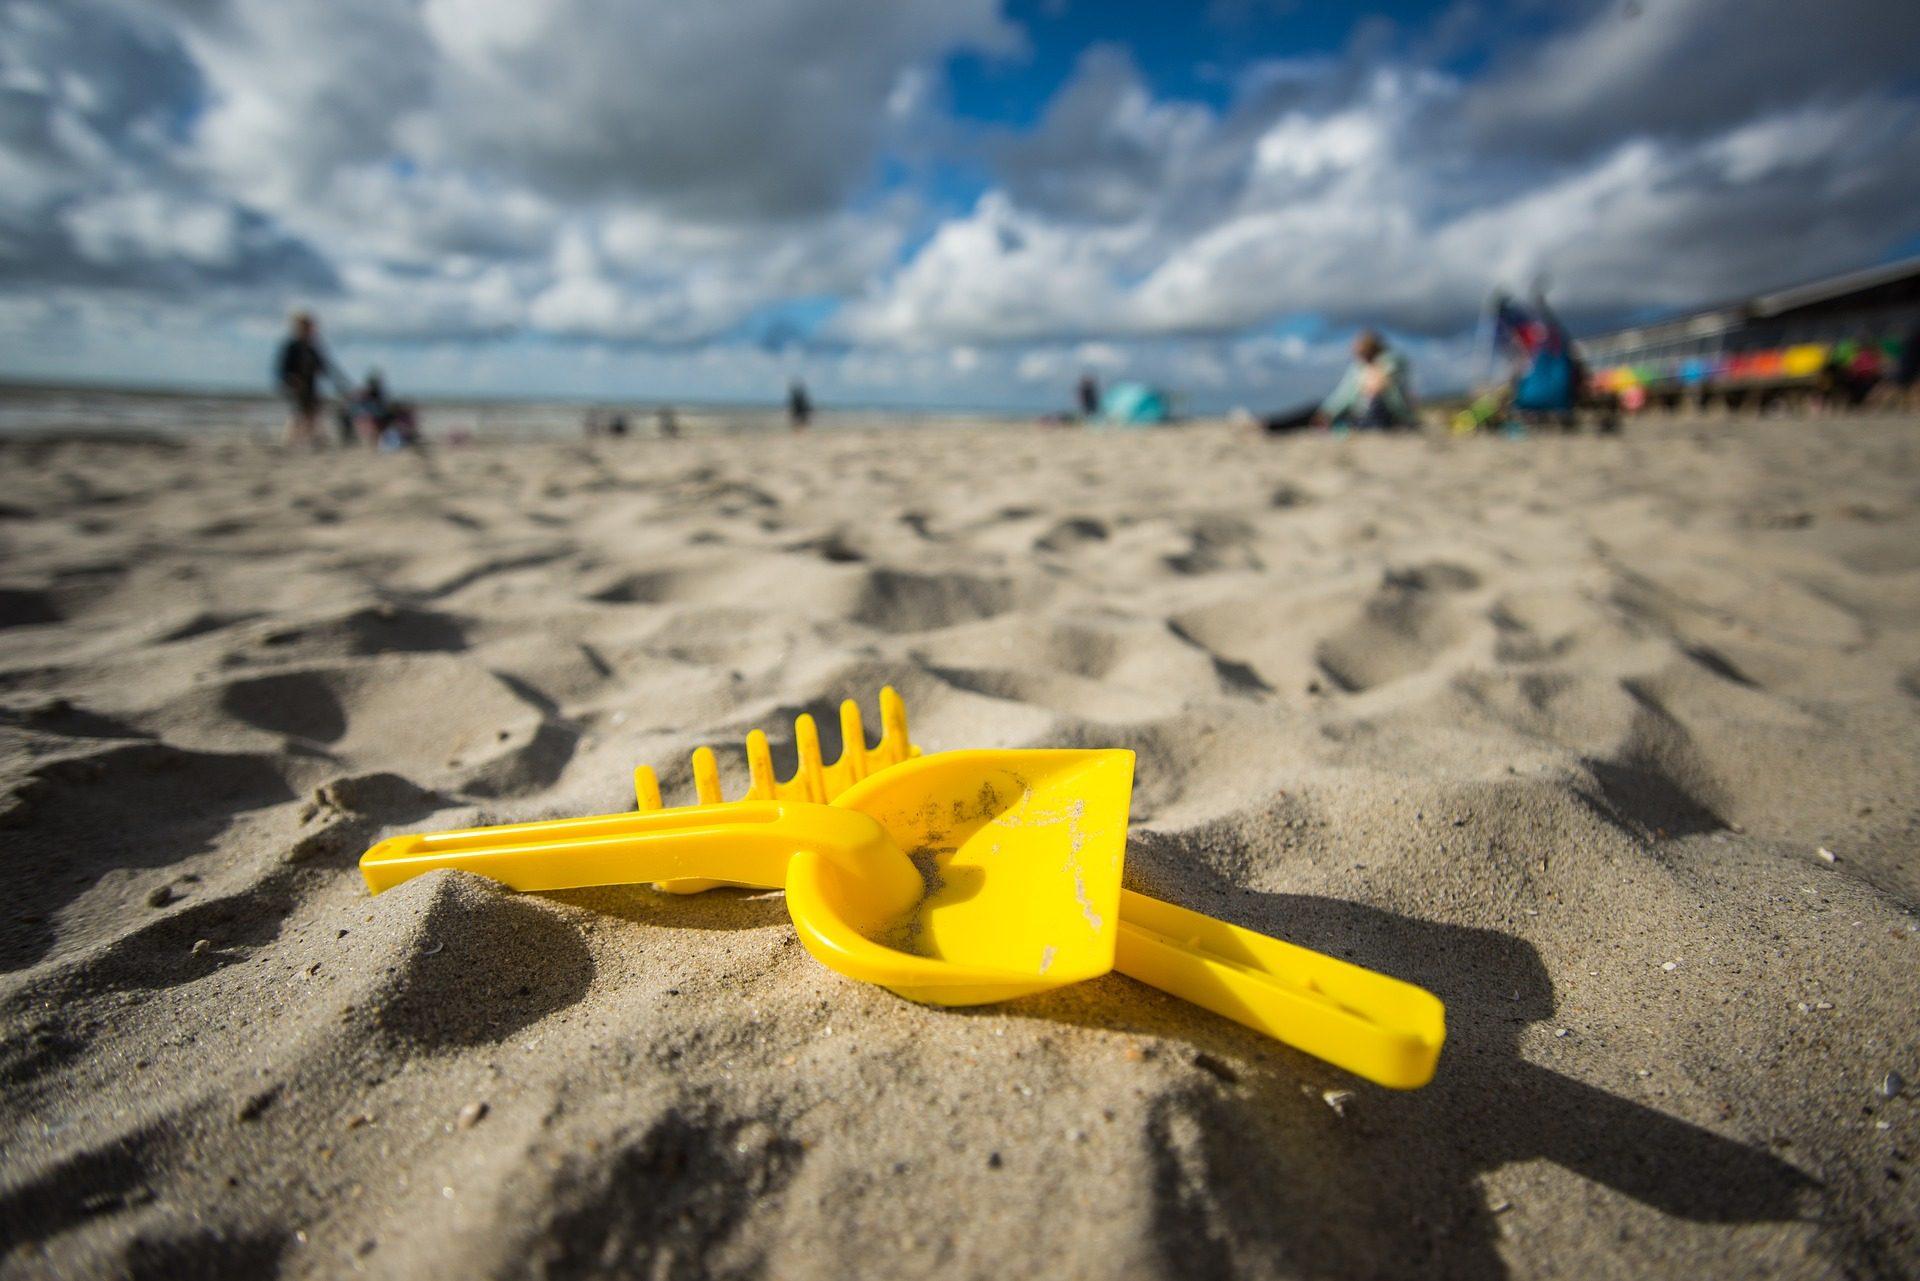 铲, 耙, 沙子, 海滩, 玩具, 云彩 - 高清壁纸 - 教授-falken.com